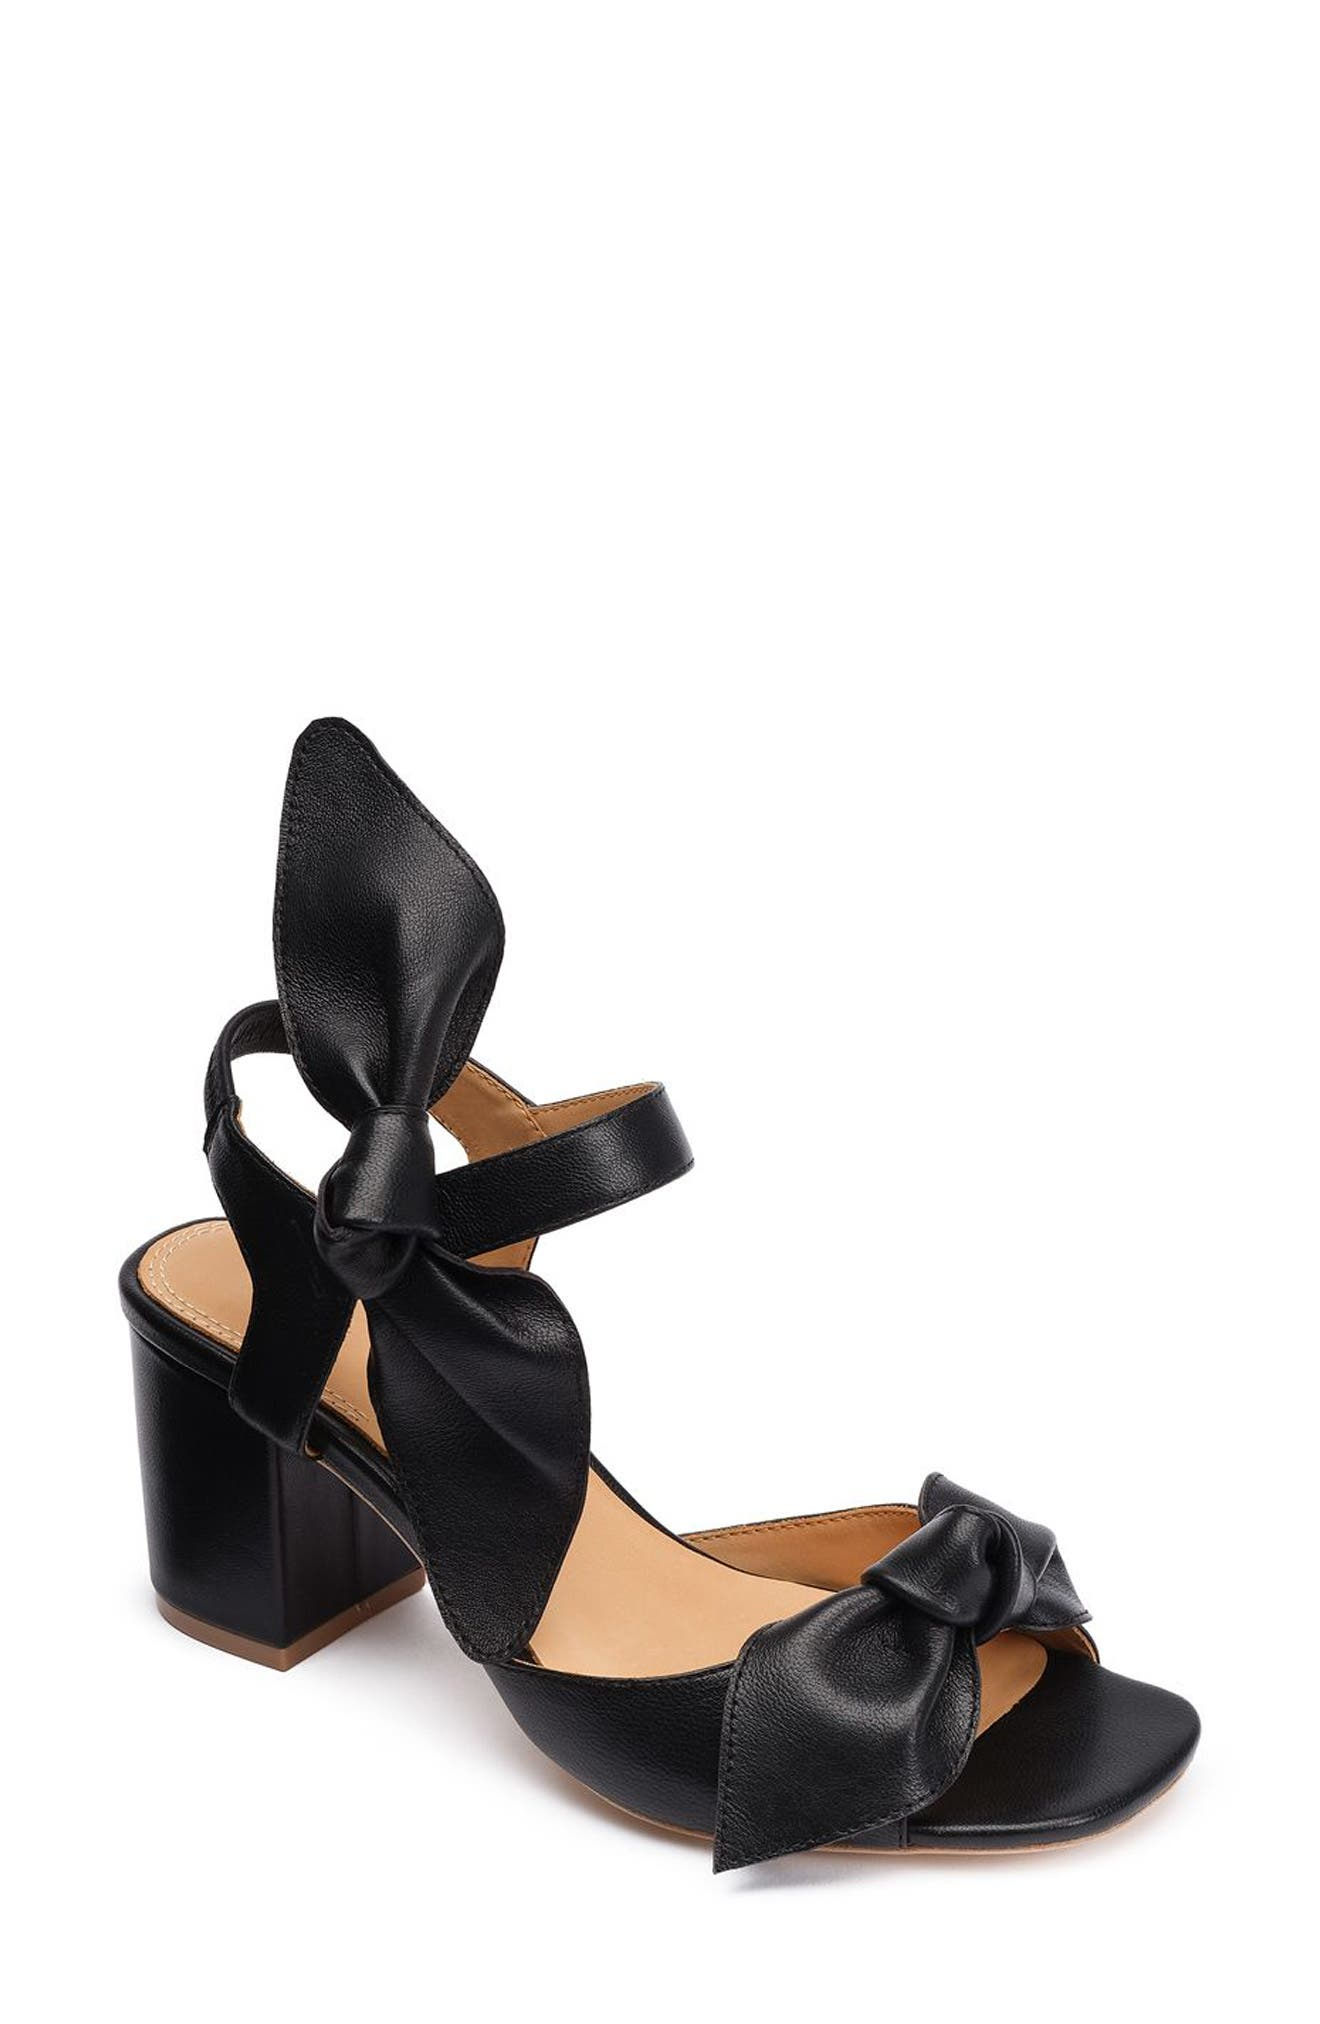 Carmen 65 Knotted Sandal,                             Main thumbnail 1, color,                             001